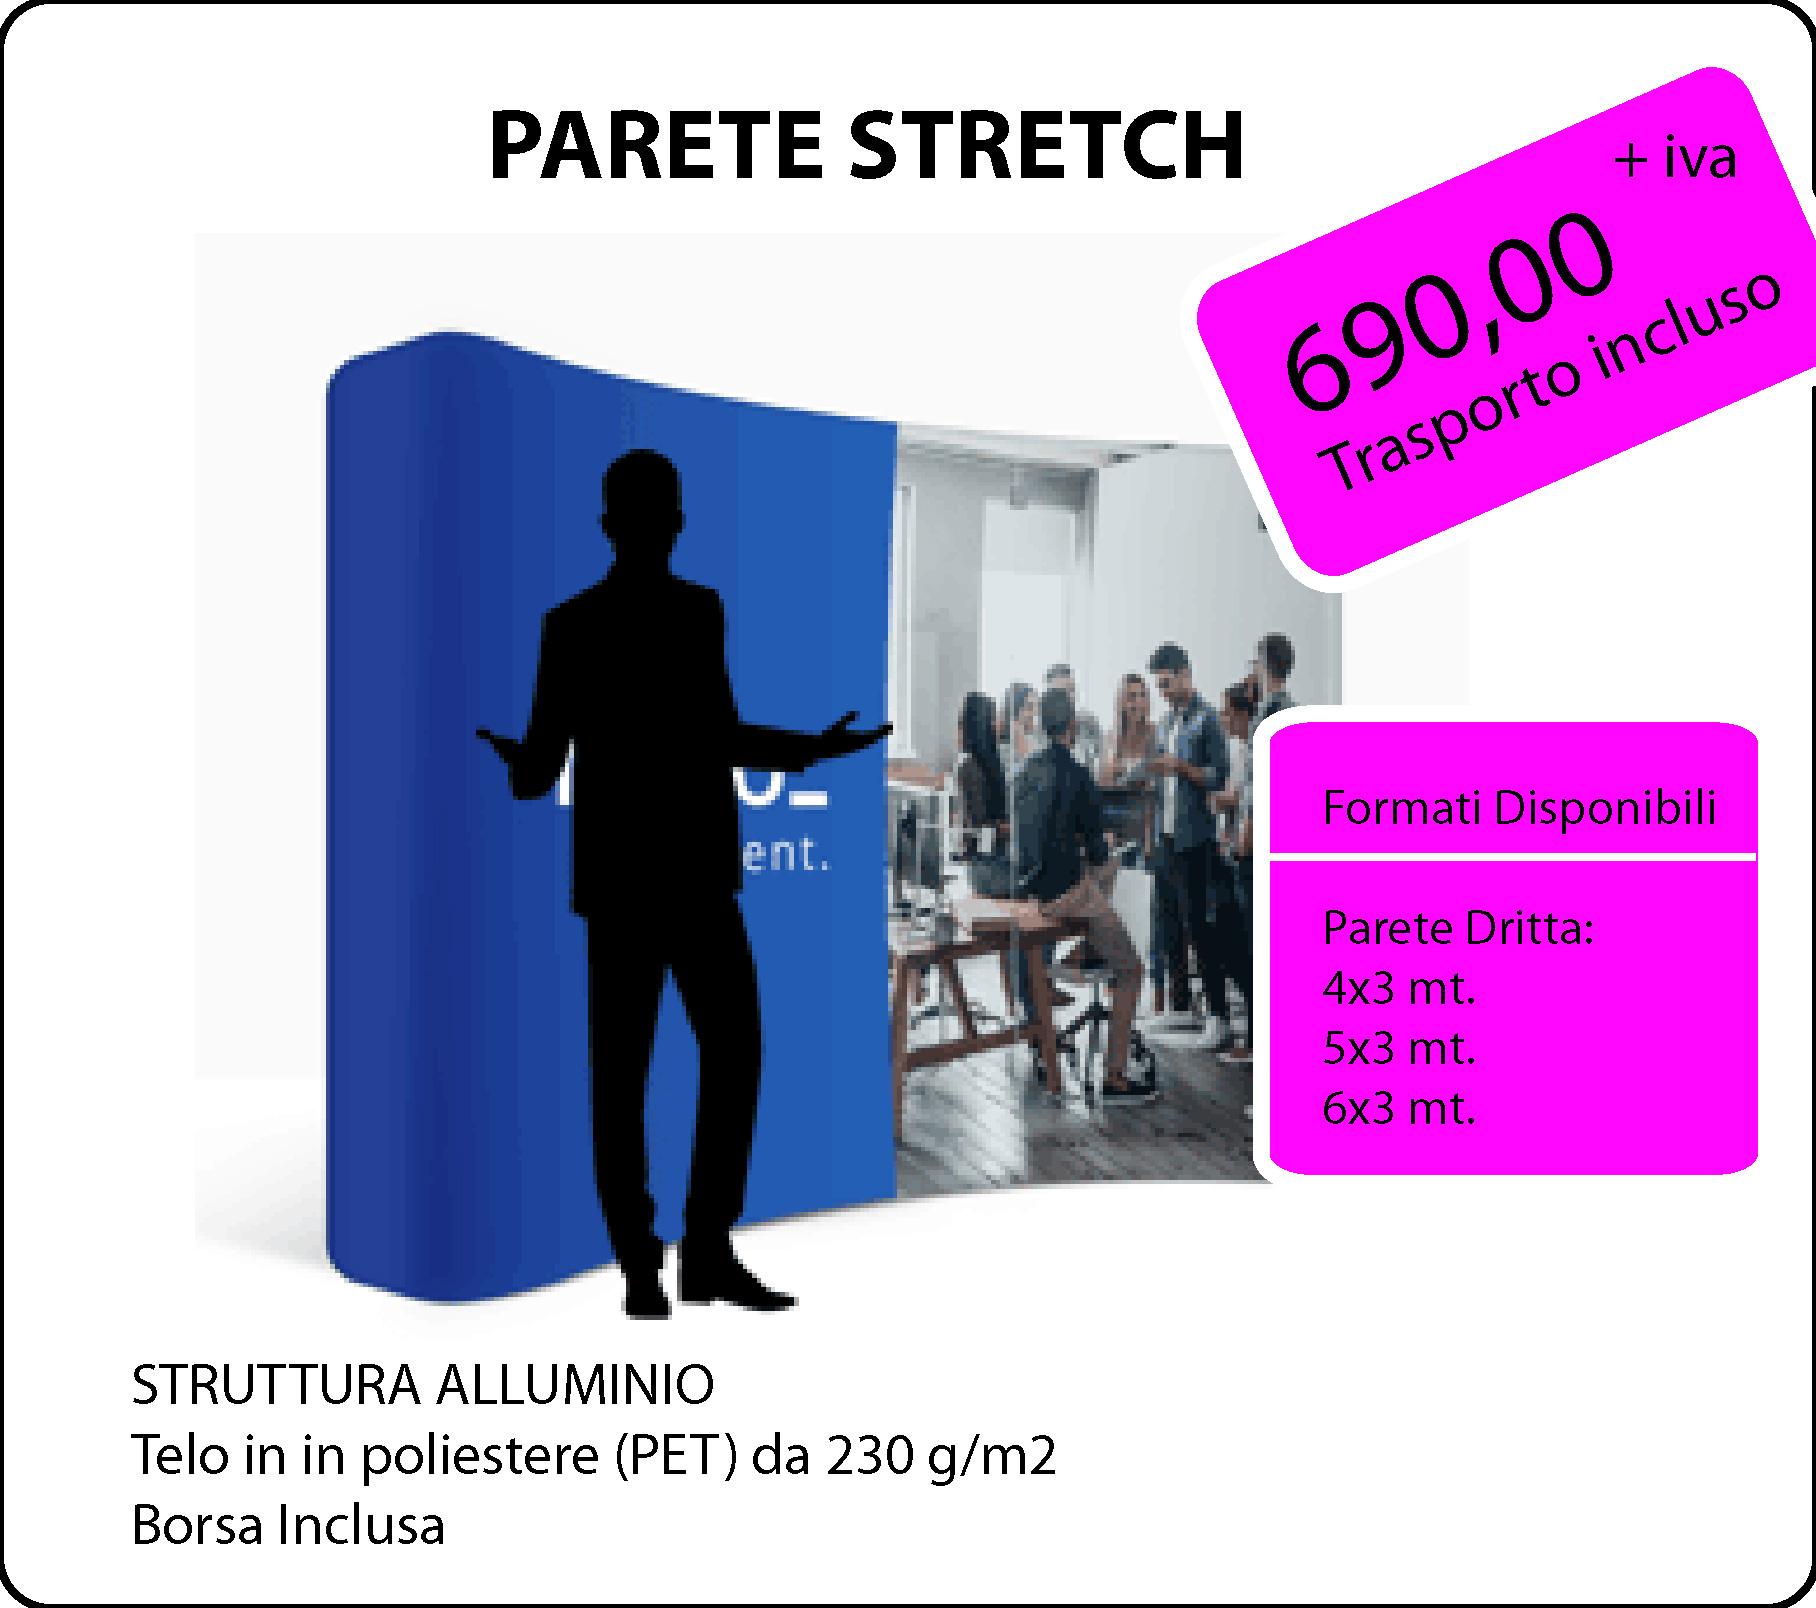 Parete Stretch